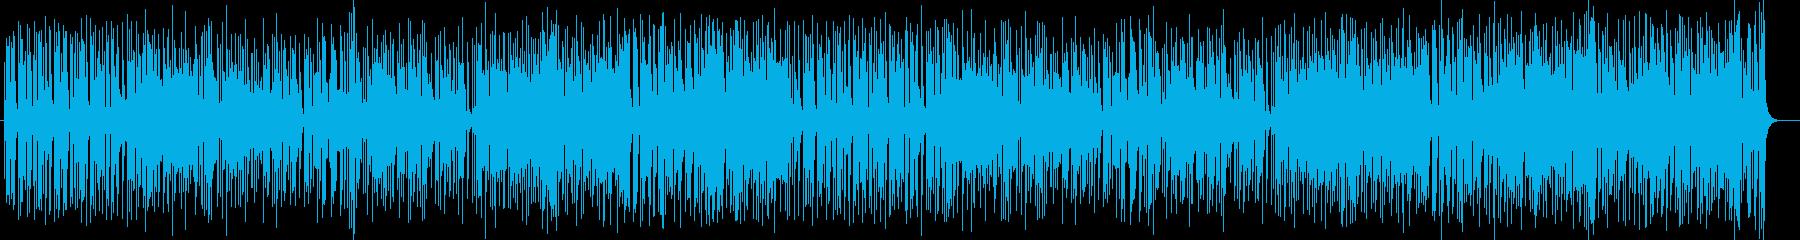 お洒落な風景のシンセサイザー楽曲の再生済みの波形